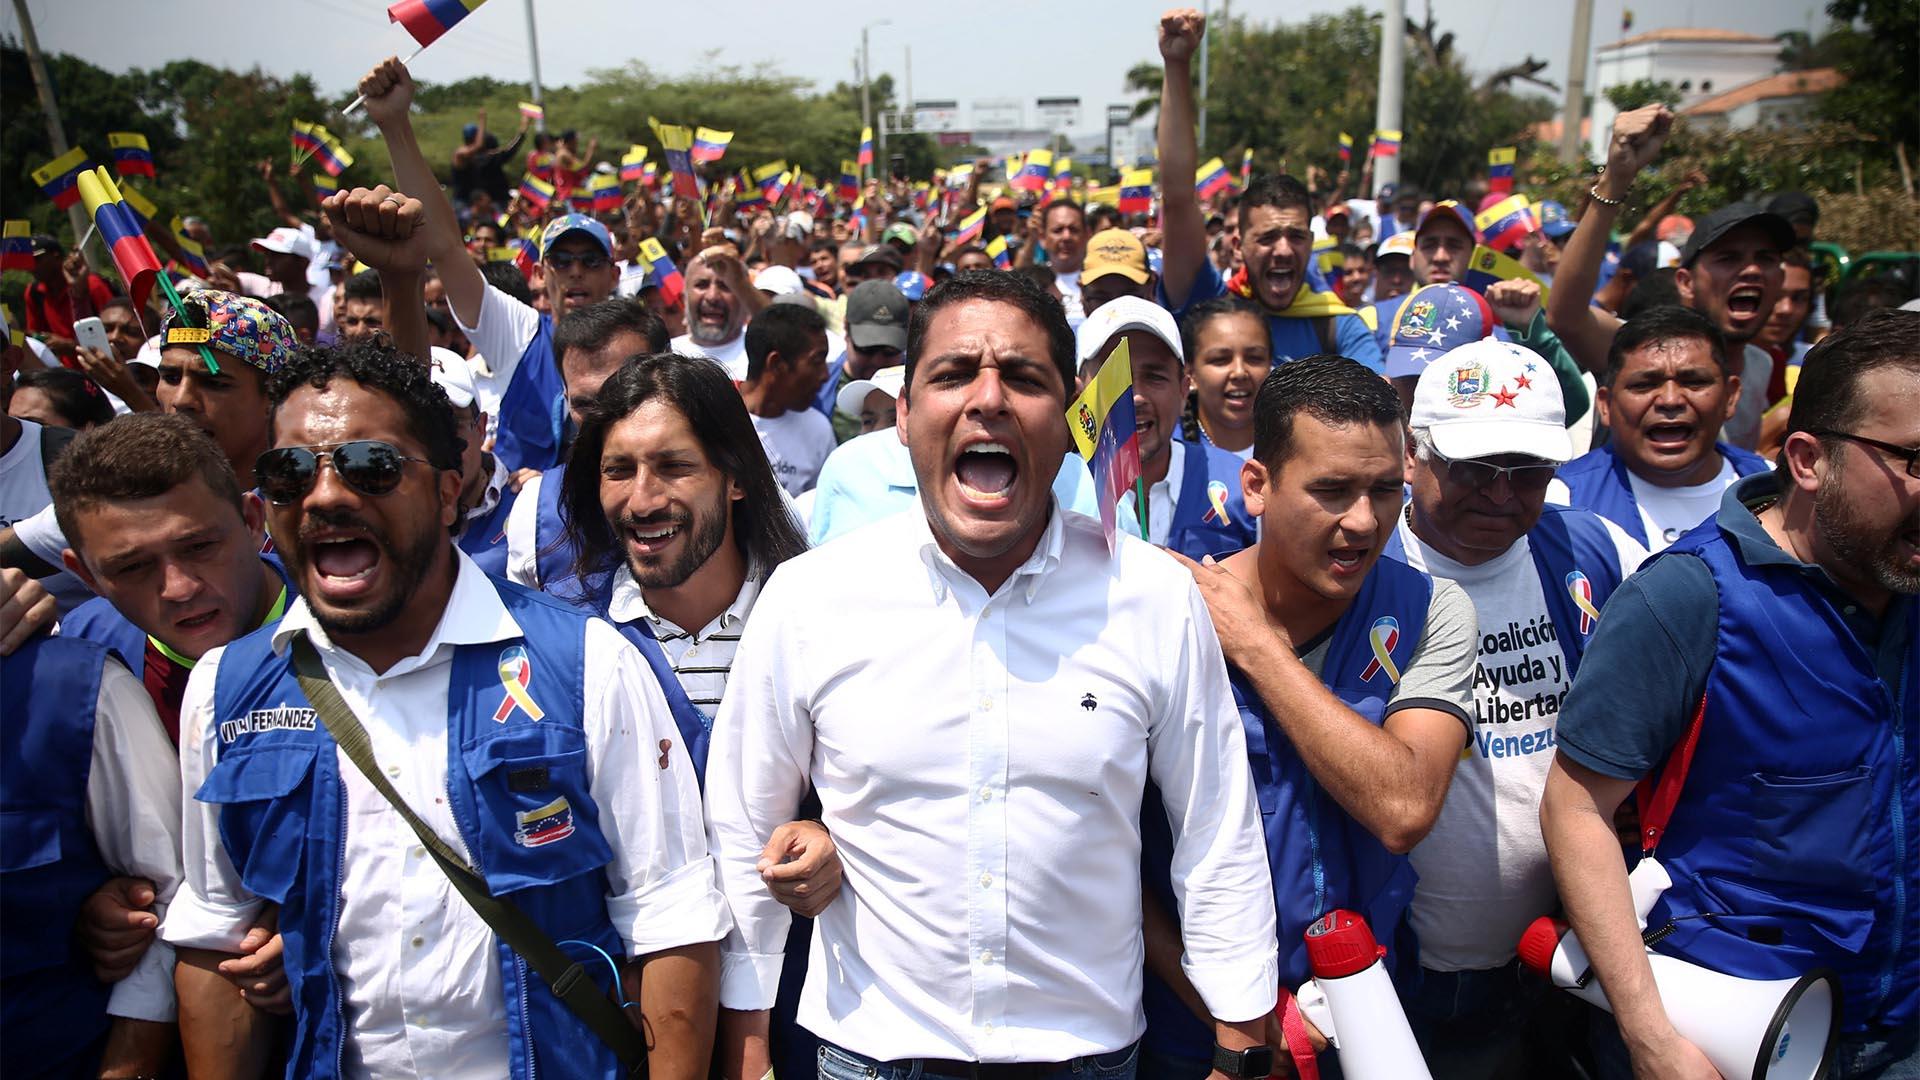 El legislador de la oposición de Venezuela, José Manuel Olivares, y sus partidarios, marchan hacia el puente Simón Bolívares en la frontera entre Colombia y Venezuela en las afueras de Cúcuta (Reuters)